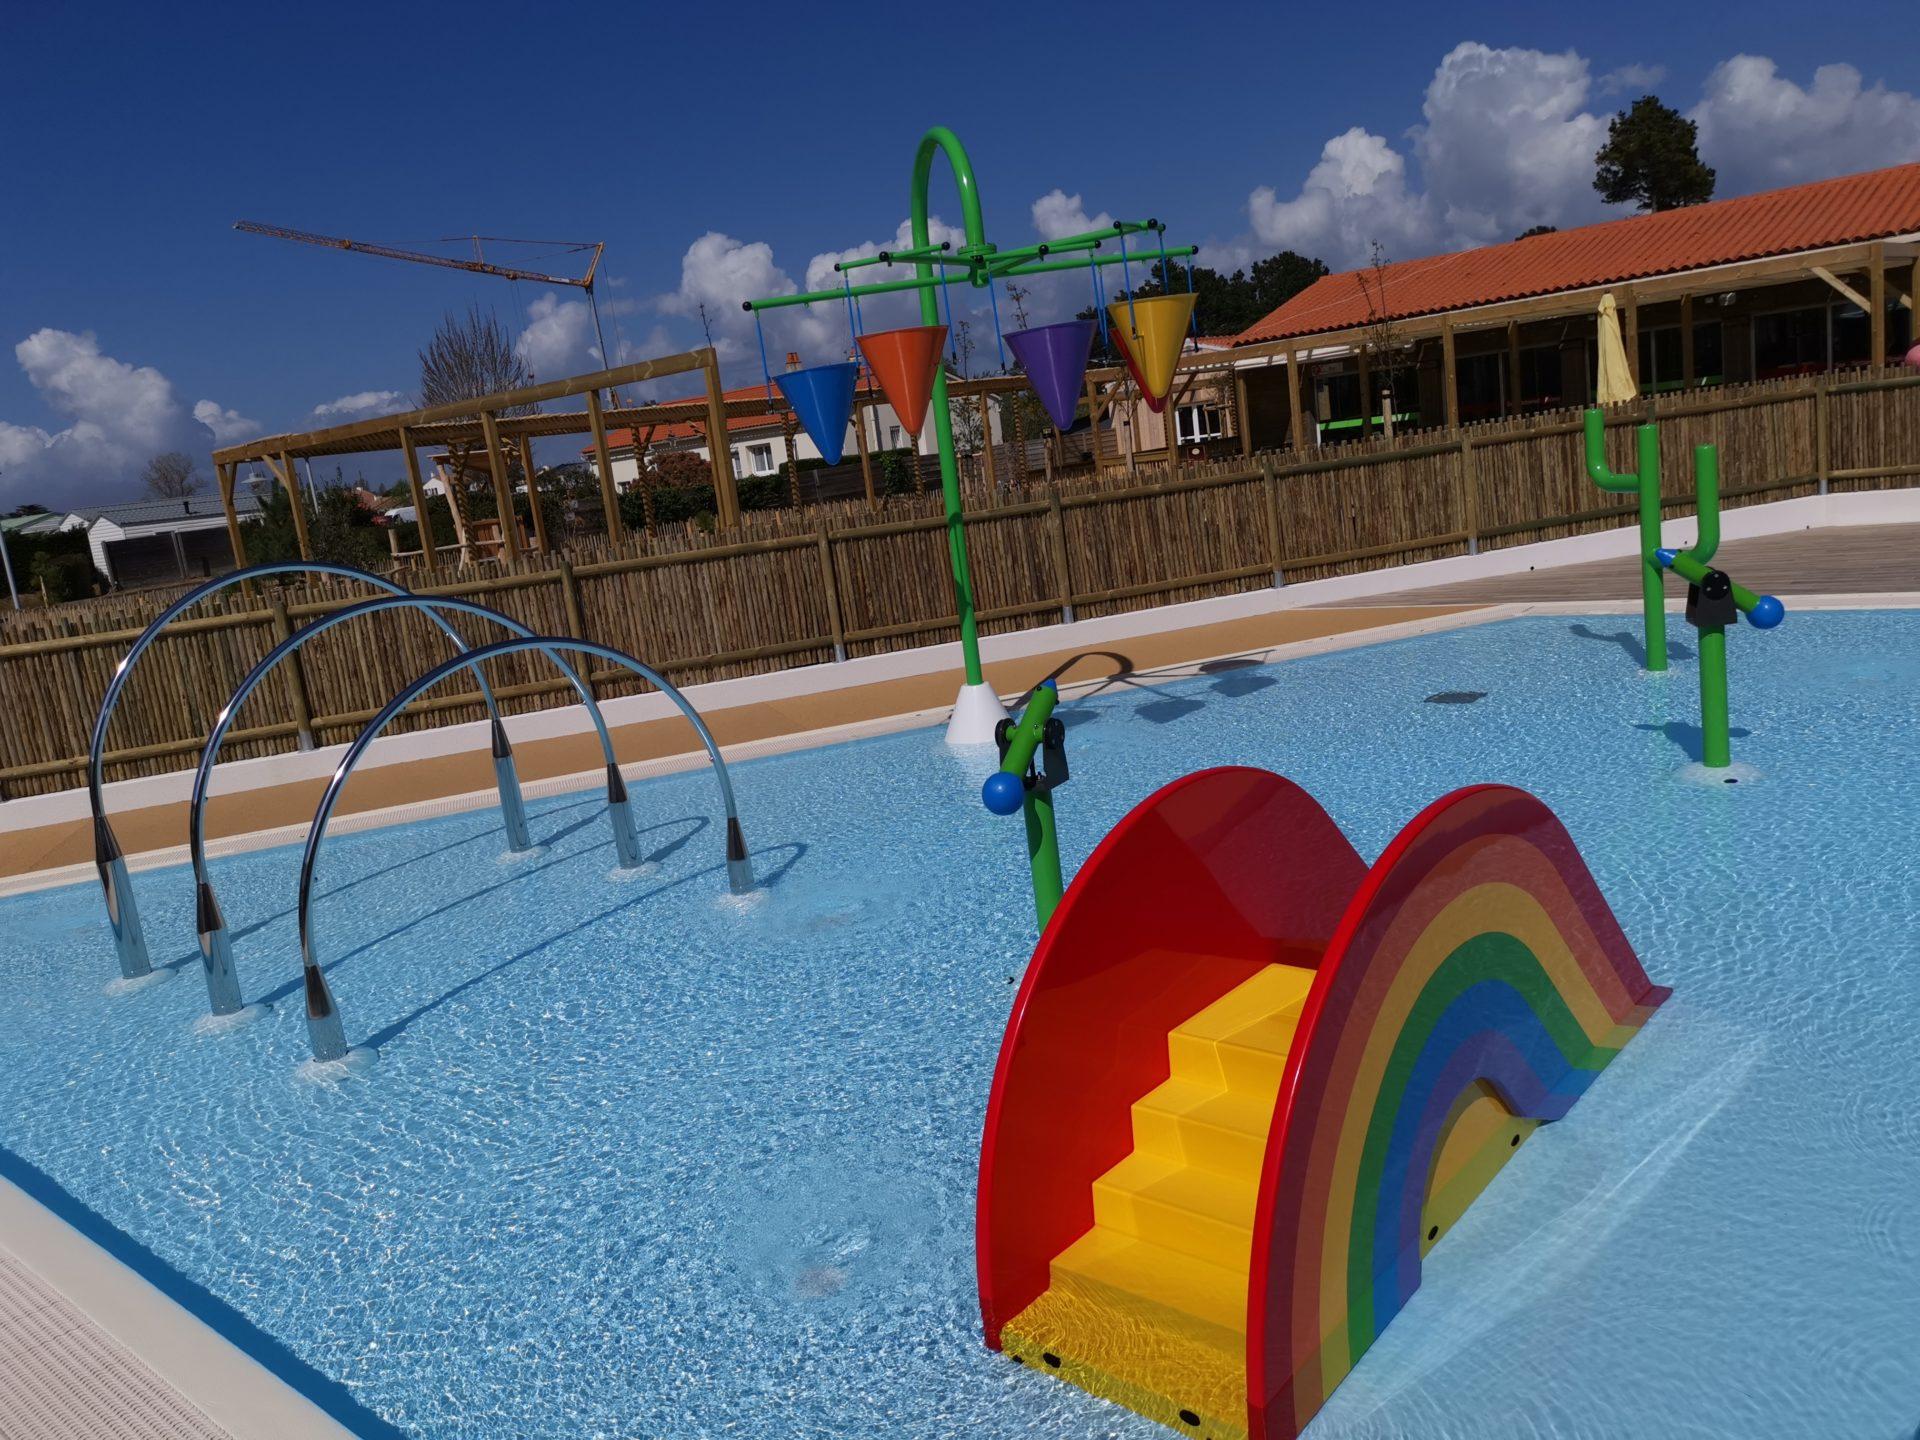 Extérieur-piscine-ludique-camping-domaine-de-l-oree-vendee